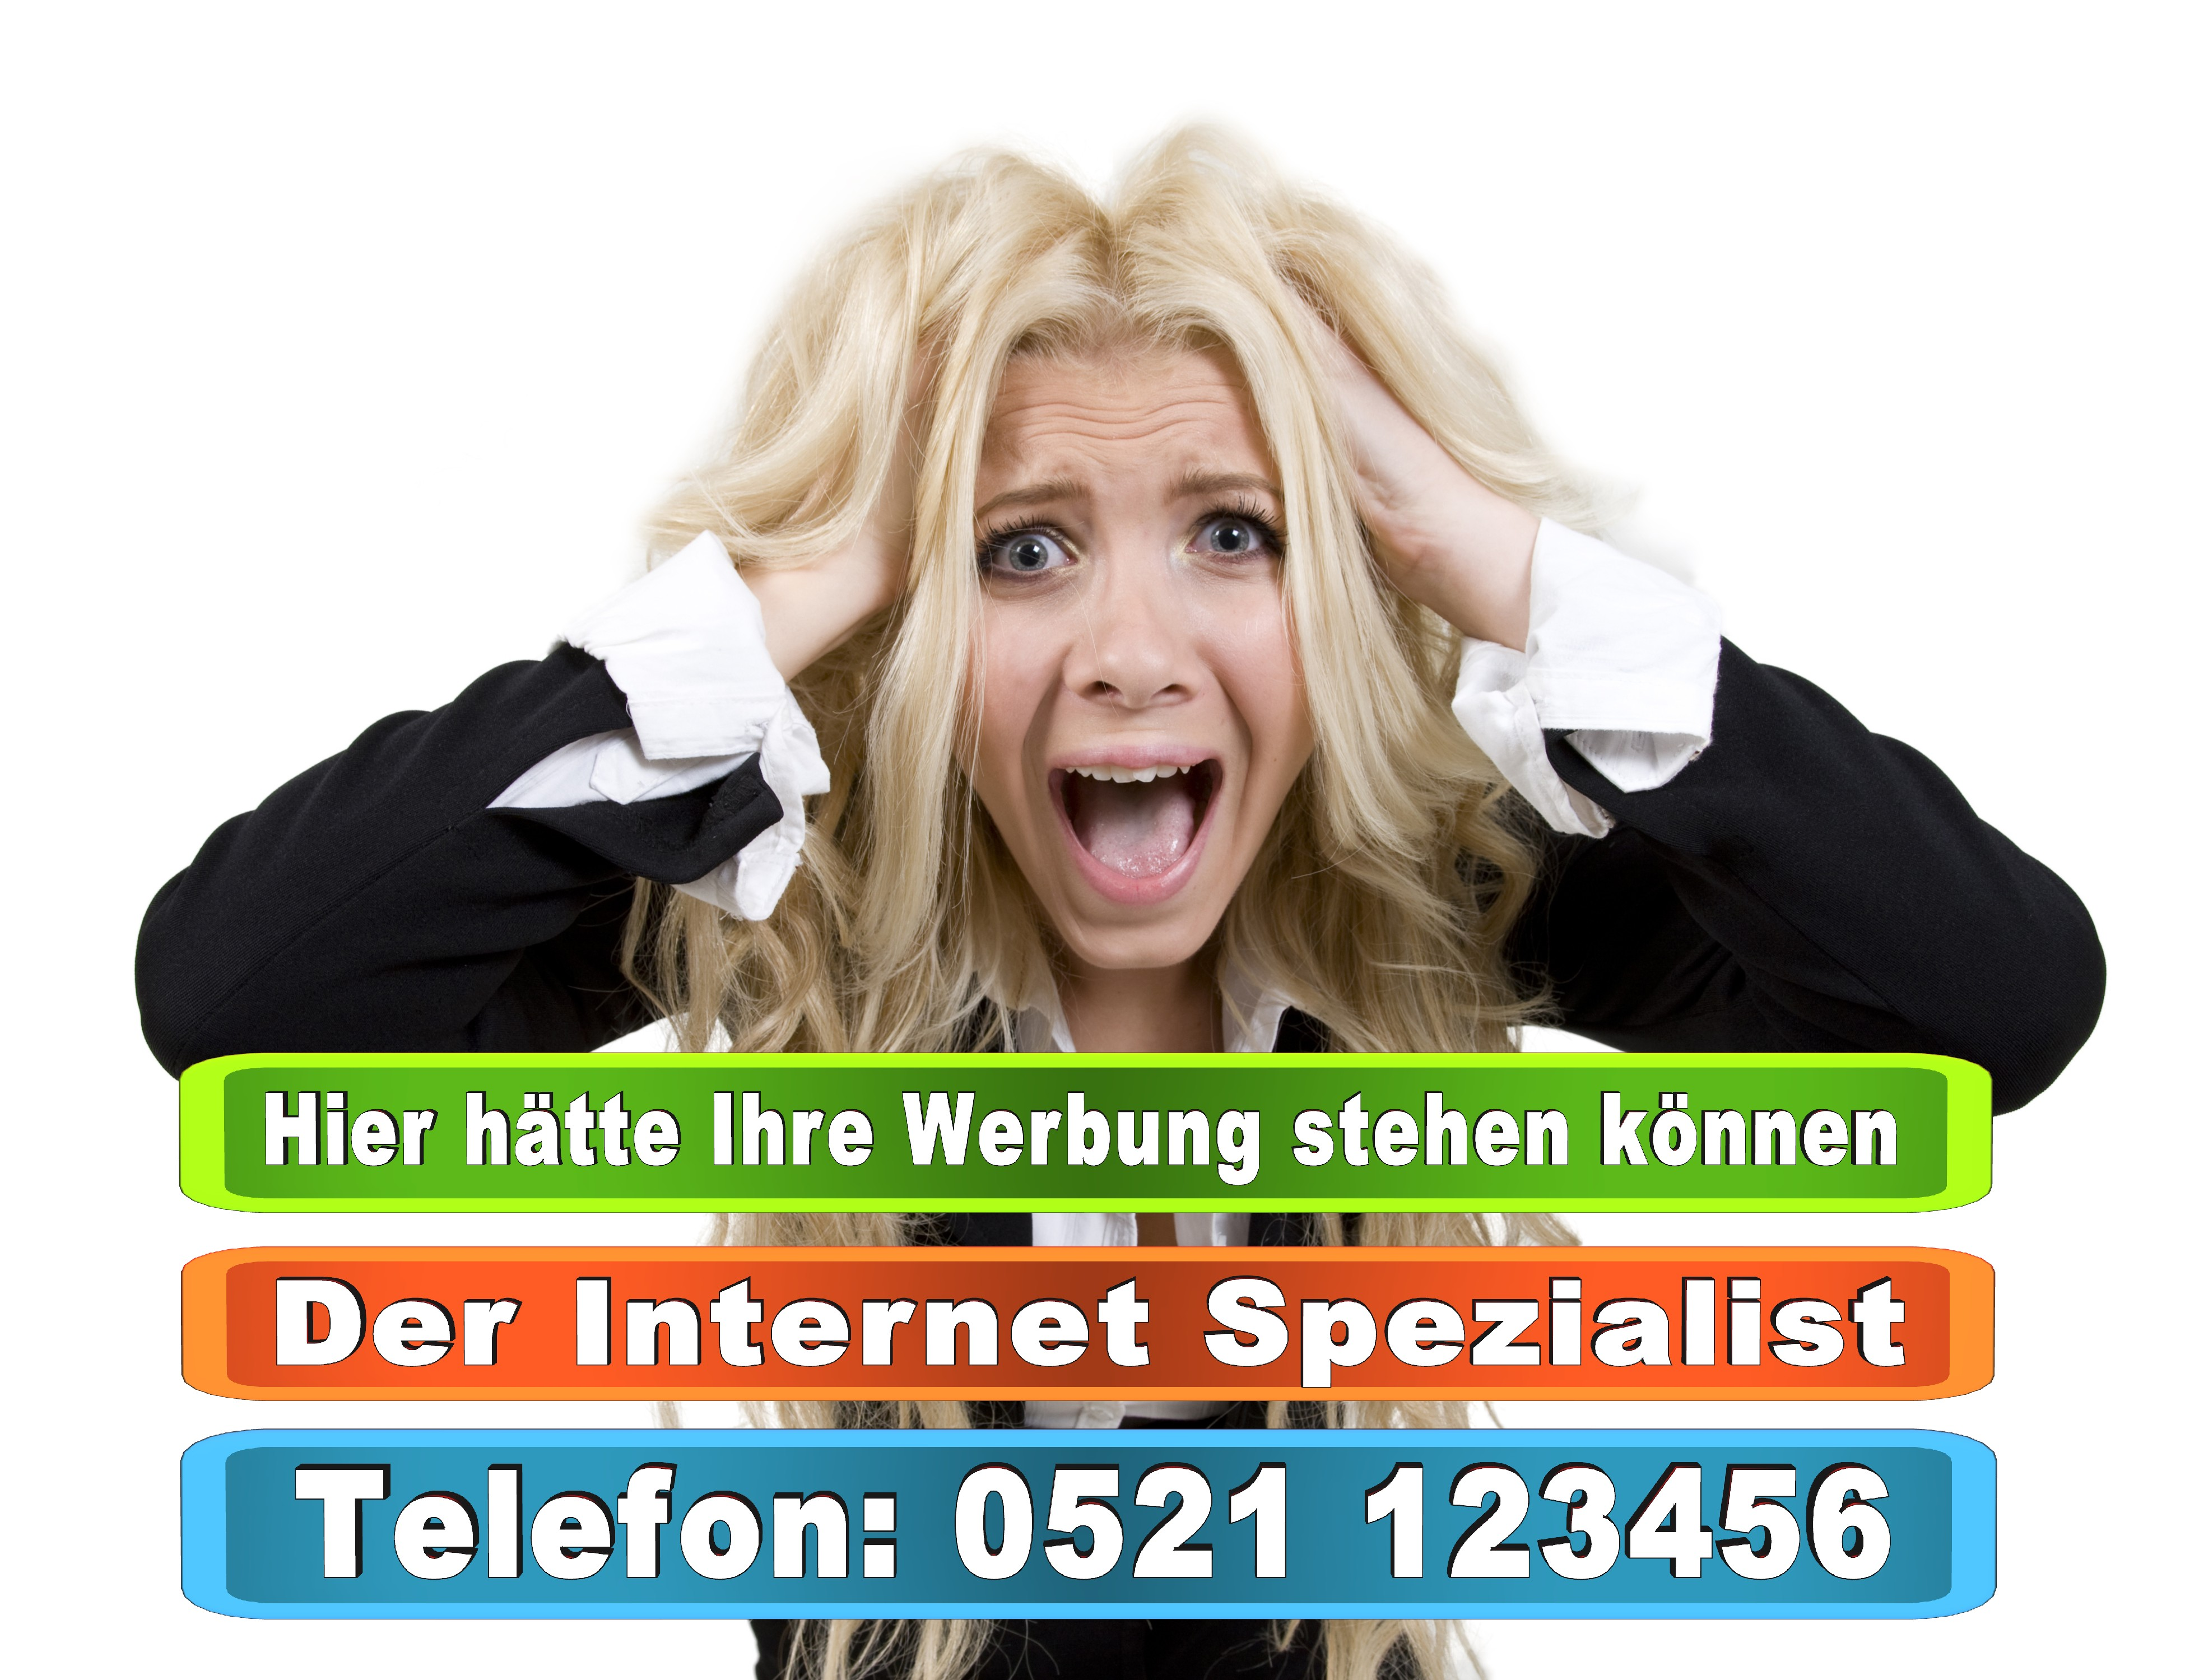 Bielefeld Werbung Werbeanzeigen Zeitungen Bielefeld OWL NRW Demonstrationen Polizei Bielefeld Kleinanzeigen Bielefeld Berlin Hamburg Köln (6)